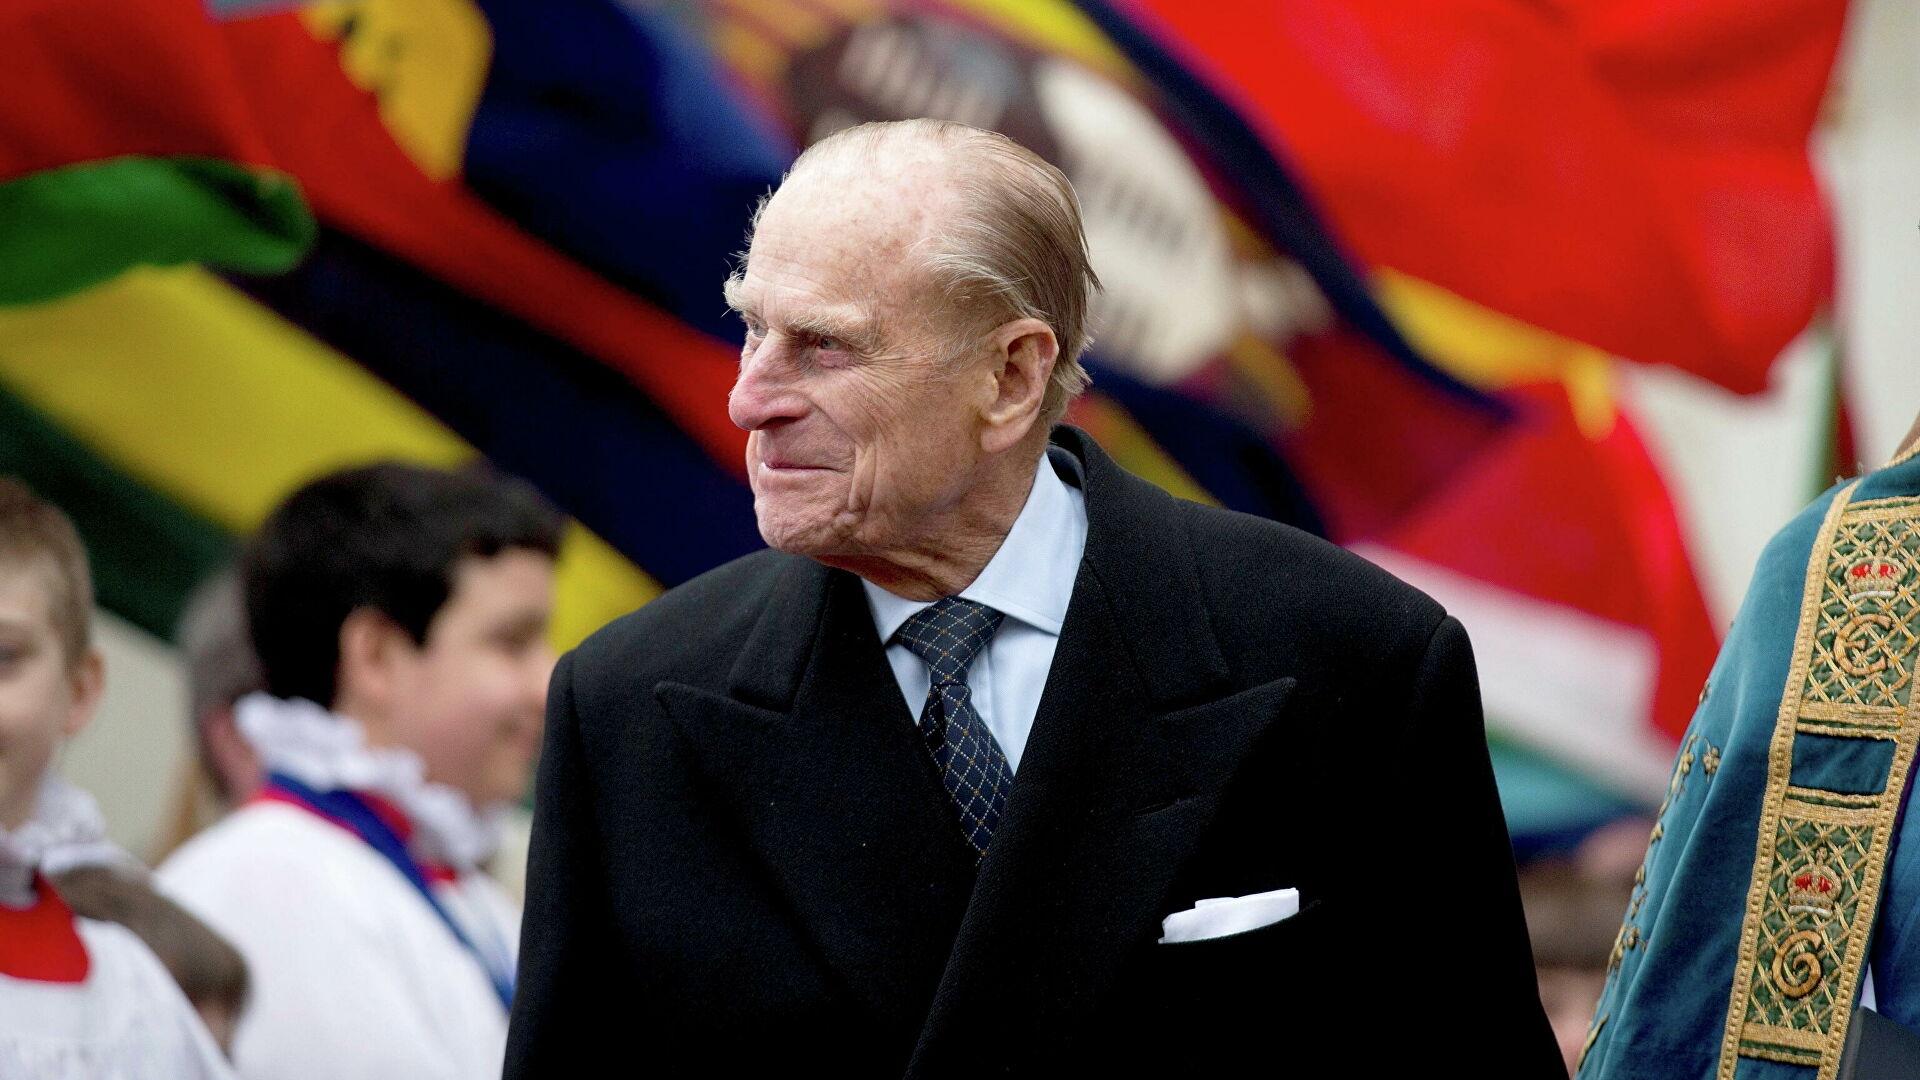 Принц Гарри выразил официальное сожаление о смерти принца Филиппа - фото №3